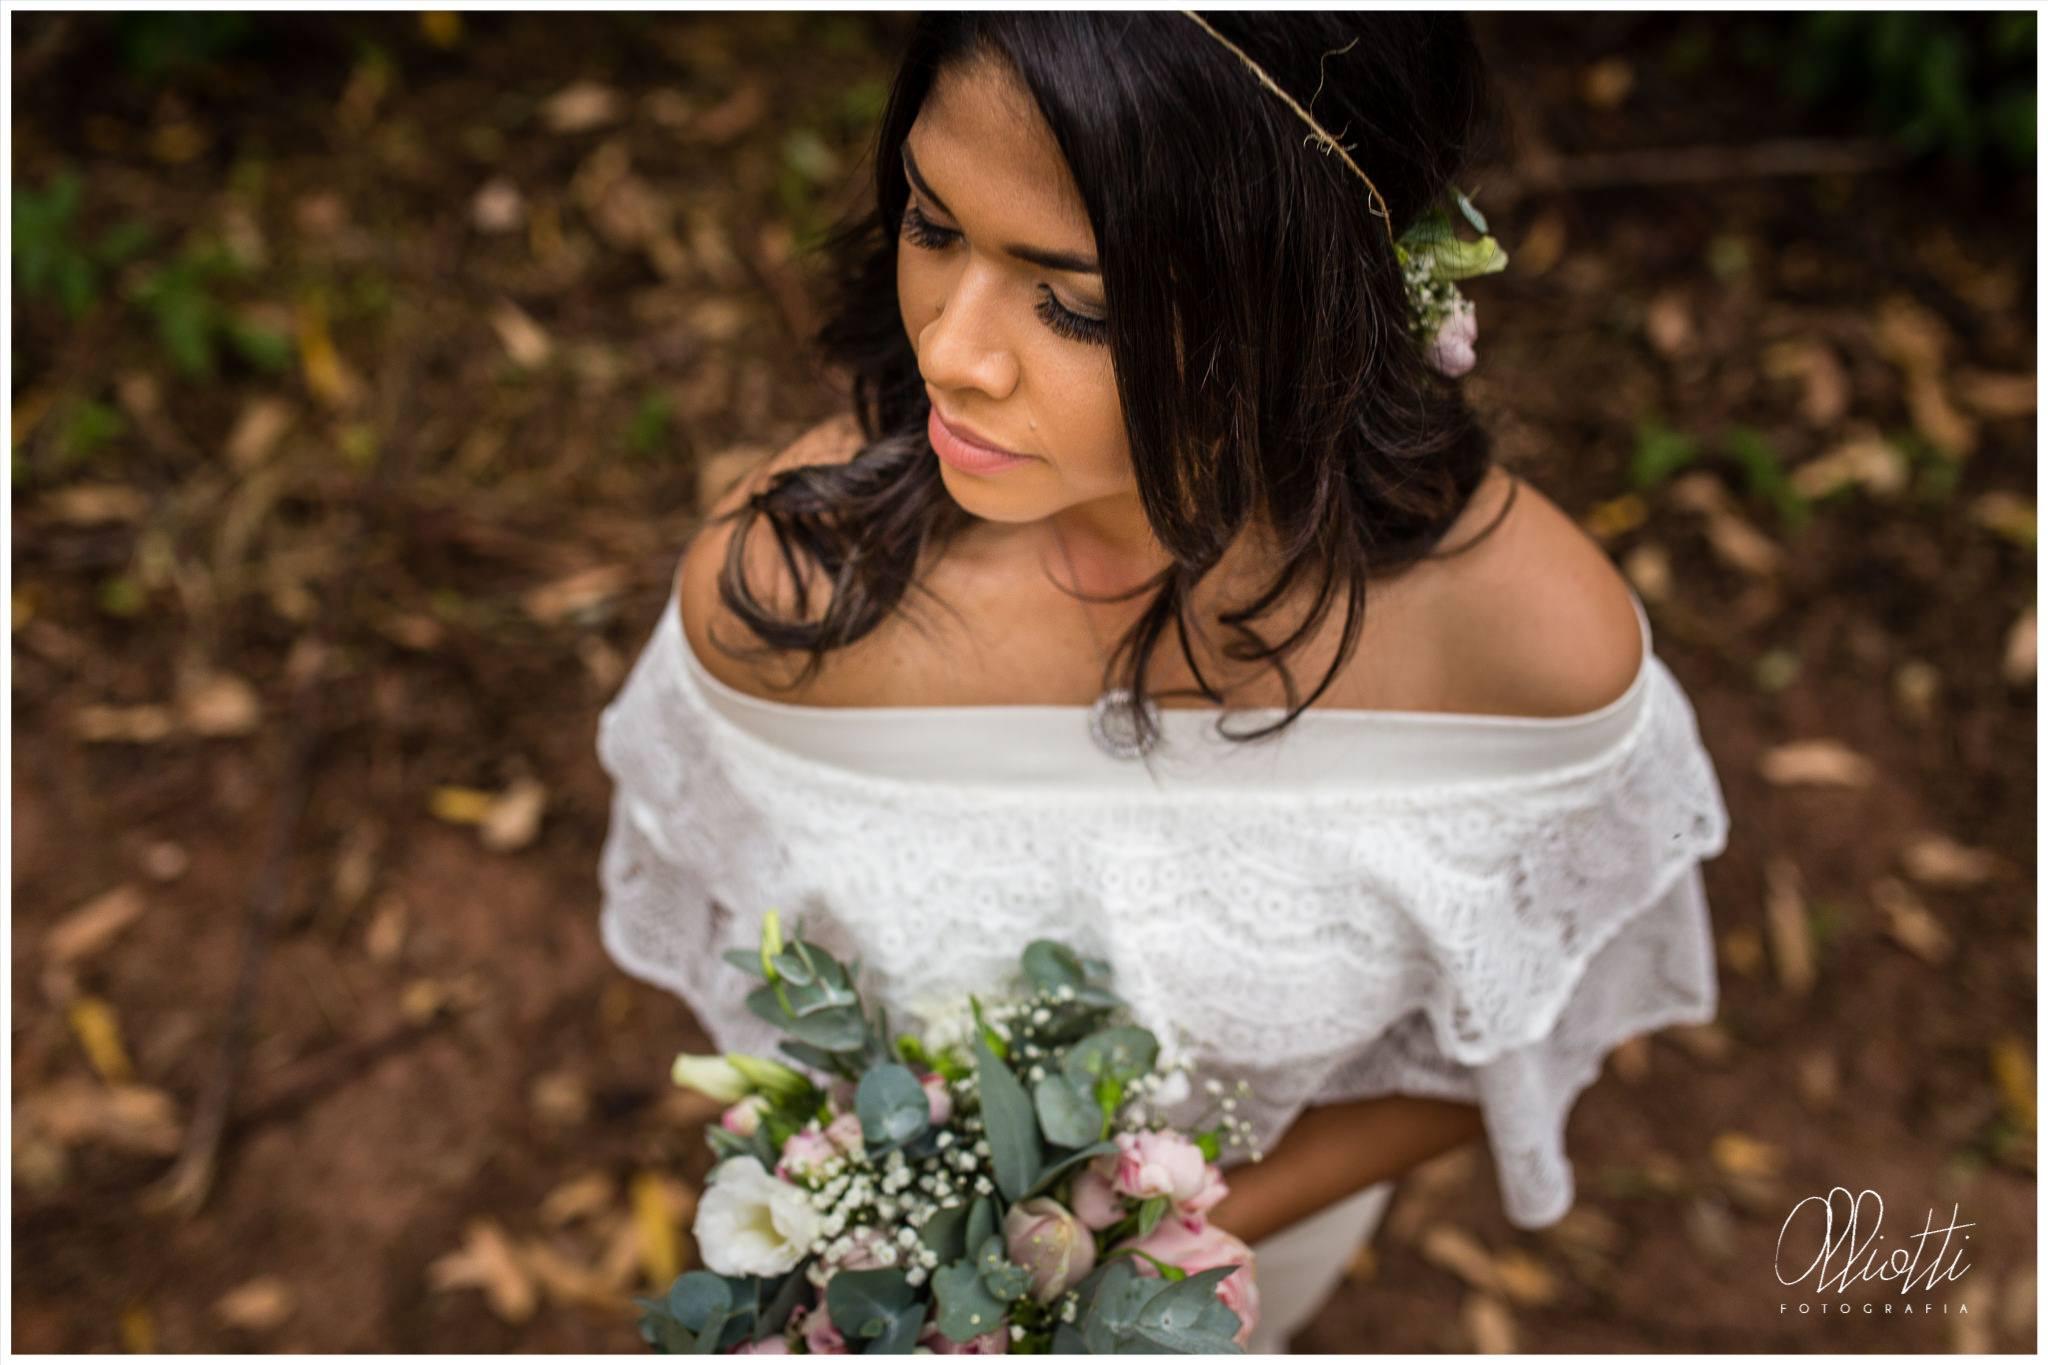 Sobre Jessica Alves - Fotógrafa Especializada em Recém- Nascidos em Maringá